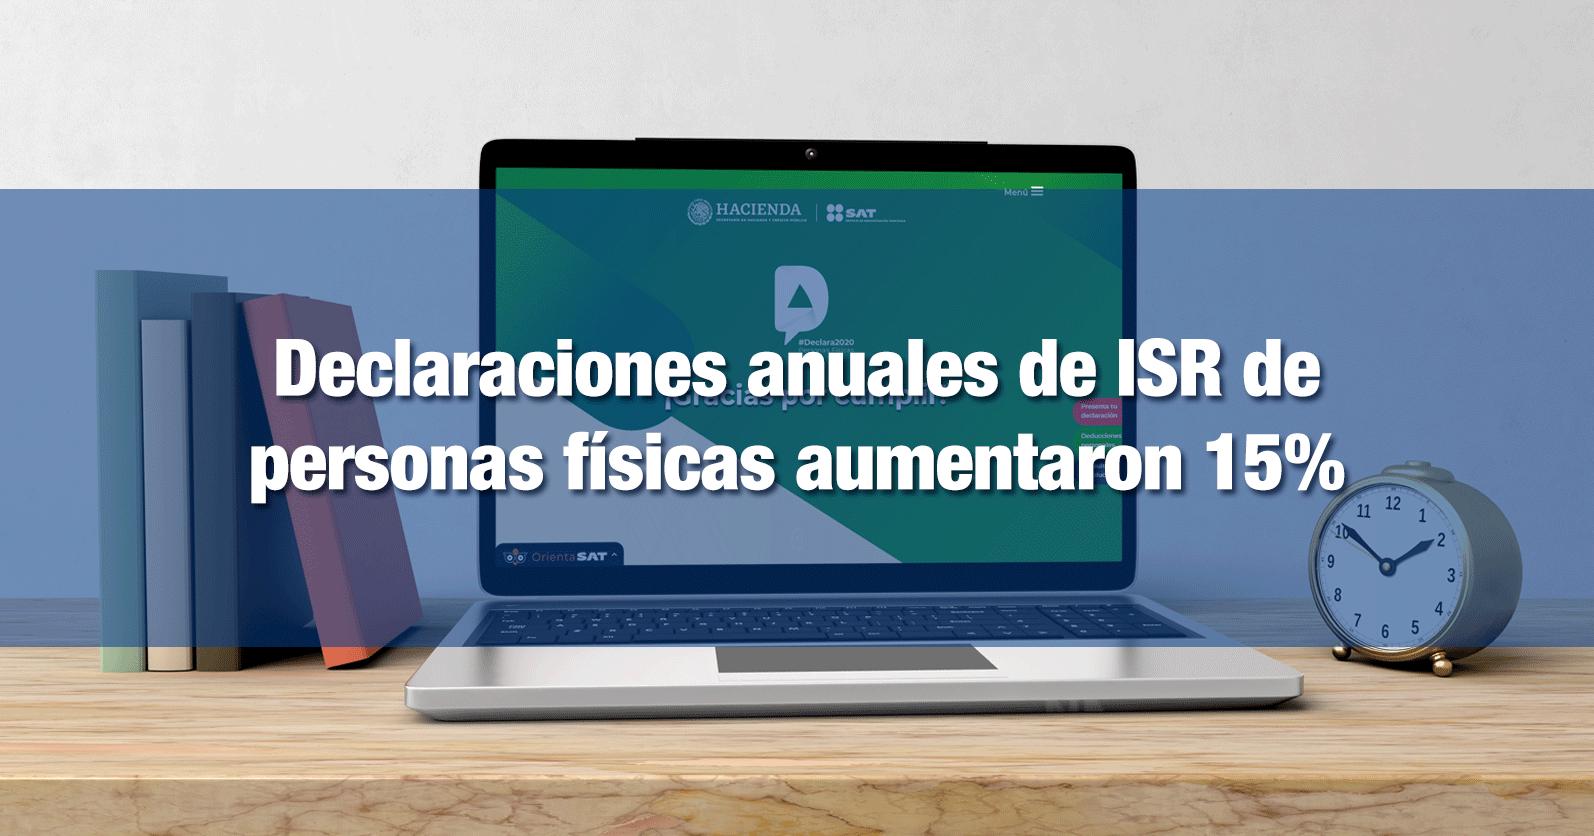 Declaraciones anuales de ISR de personas físicas aumentaron 15%